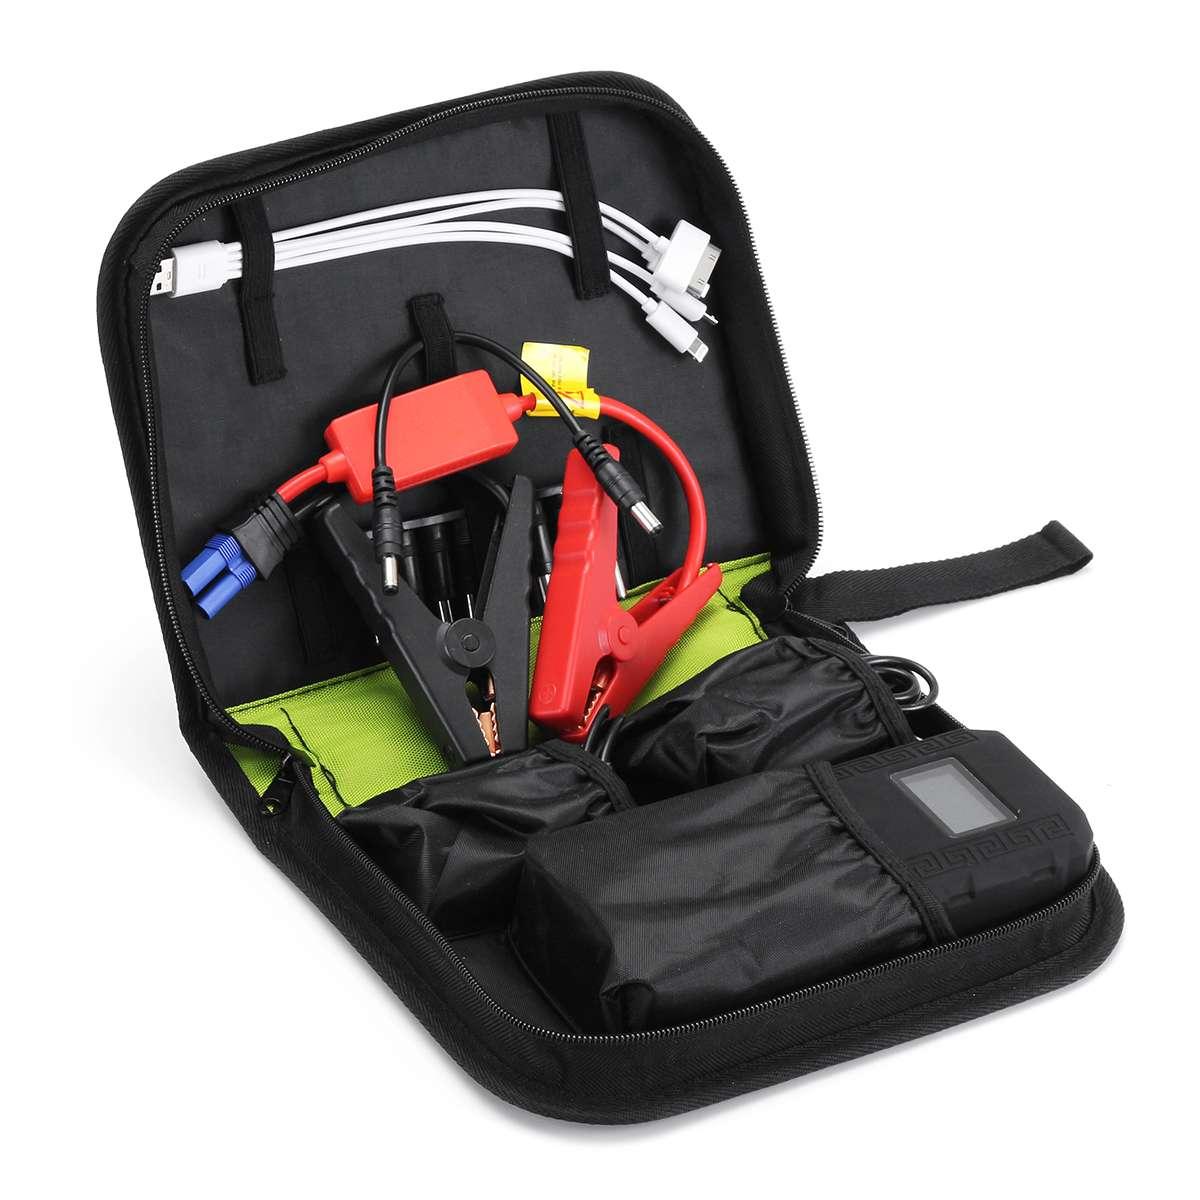 Pratique 68800 mAh 12 V 2USB voiture chargeur de batterie démarrage voiture saut démarreur Booster batterie externe Kit d'outils pour démarrage automatique dispositif